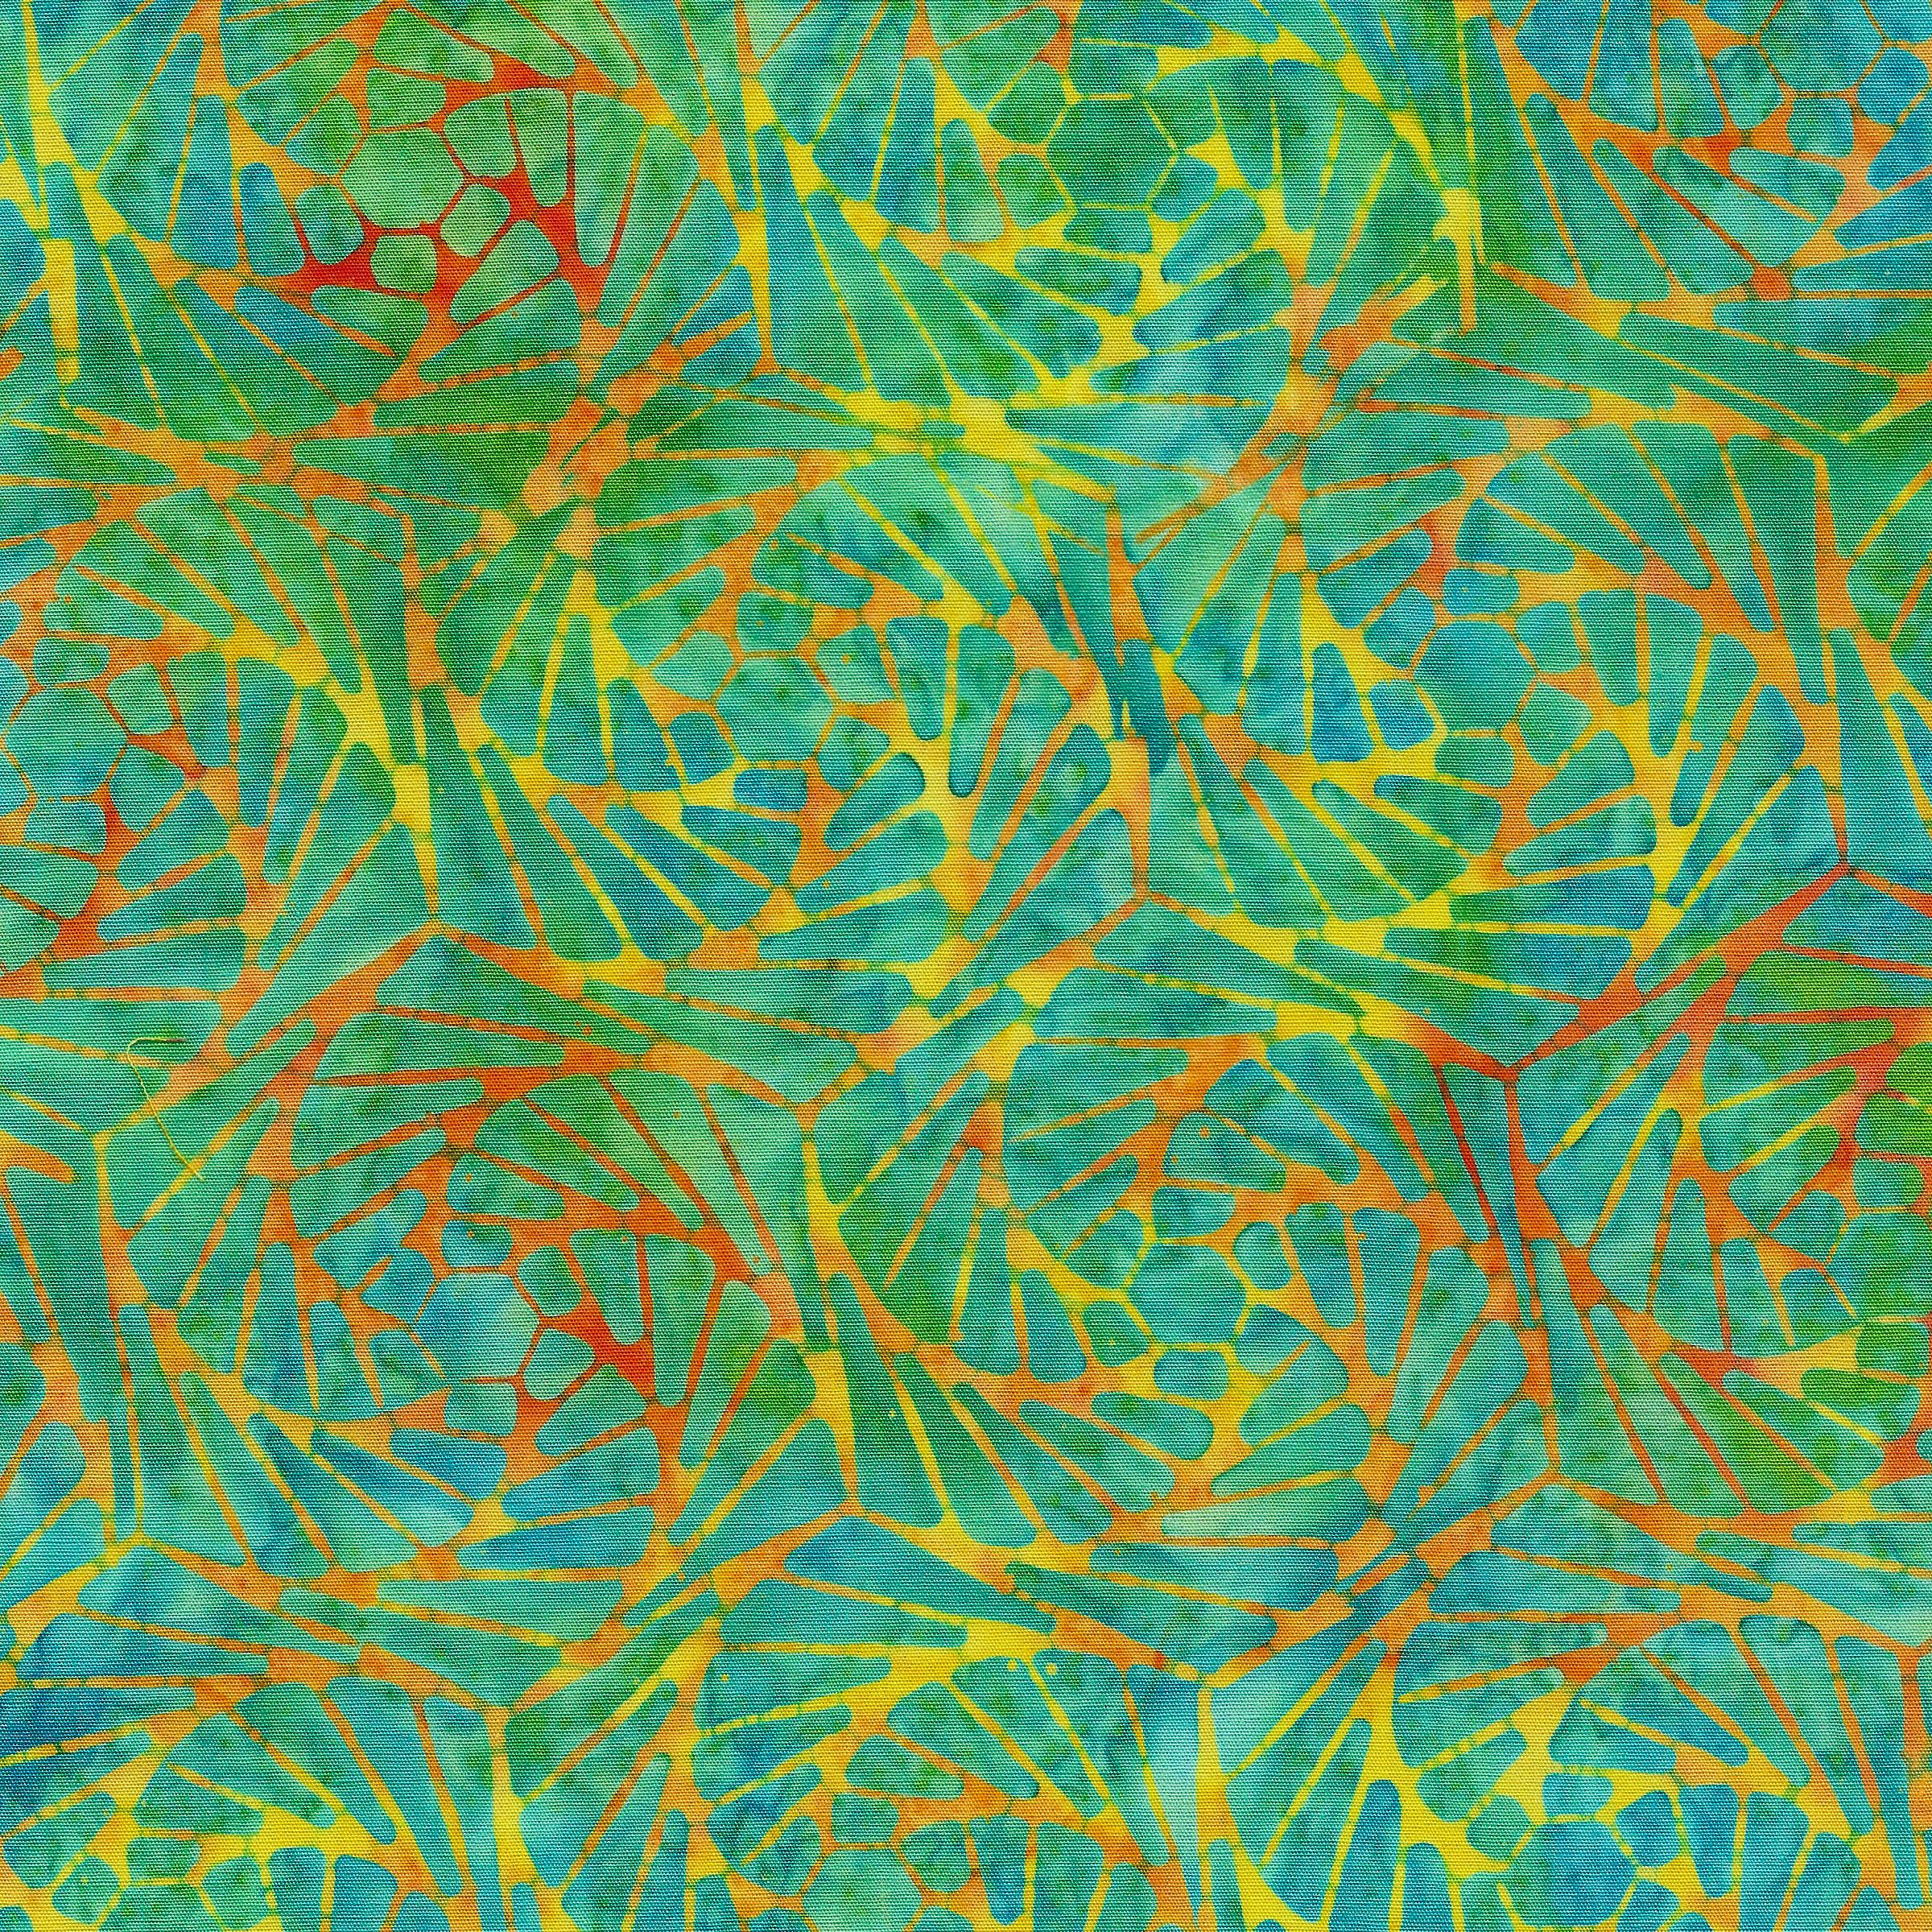 Island Batik - 111917865 / Fan-Mardigras